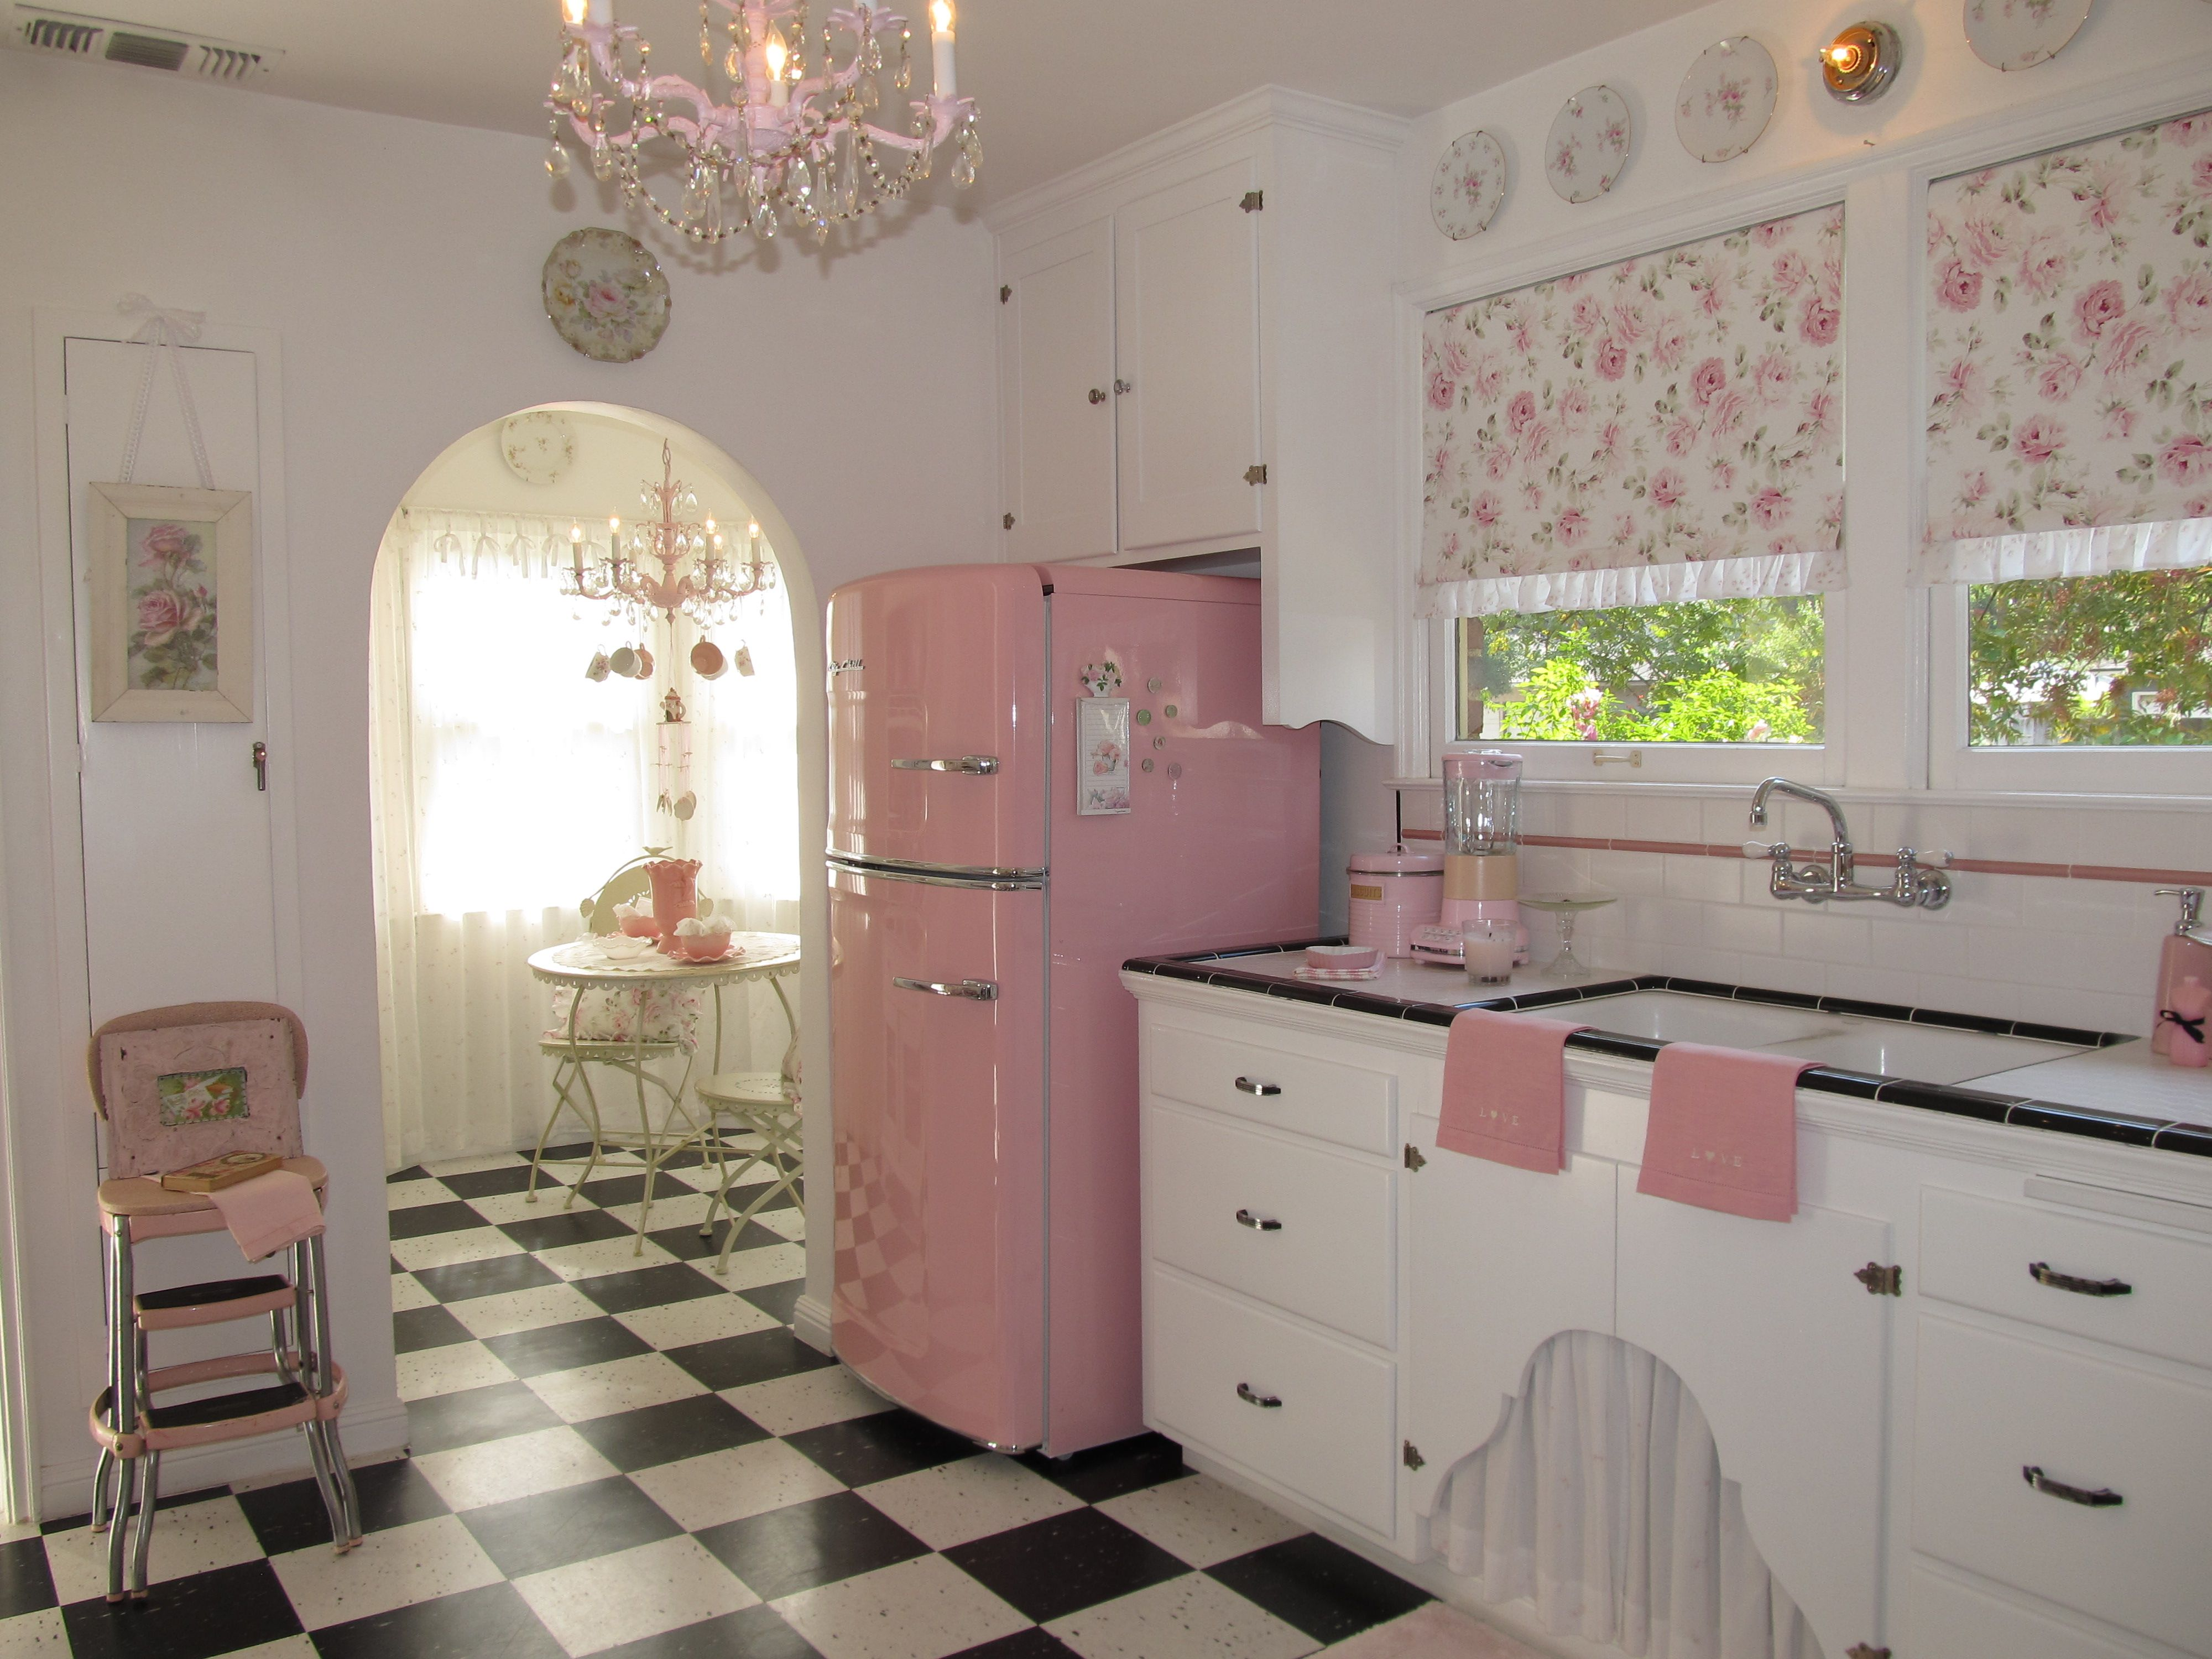 Retro pink kitchen and breakfast nook.